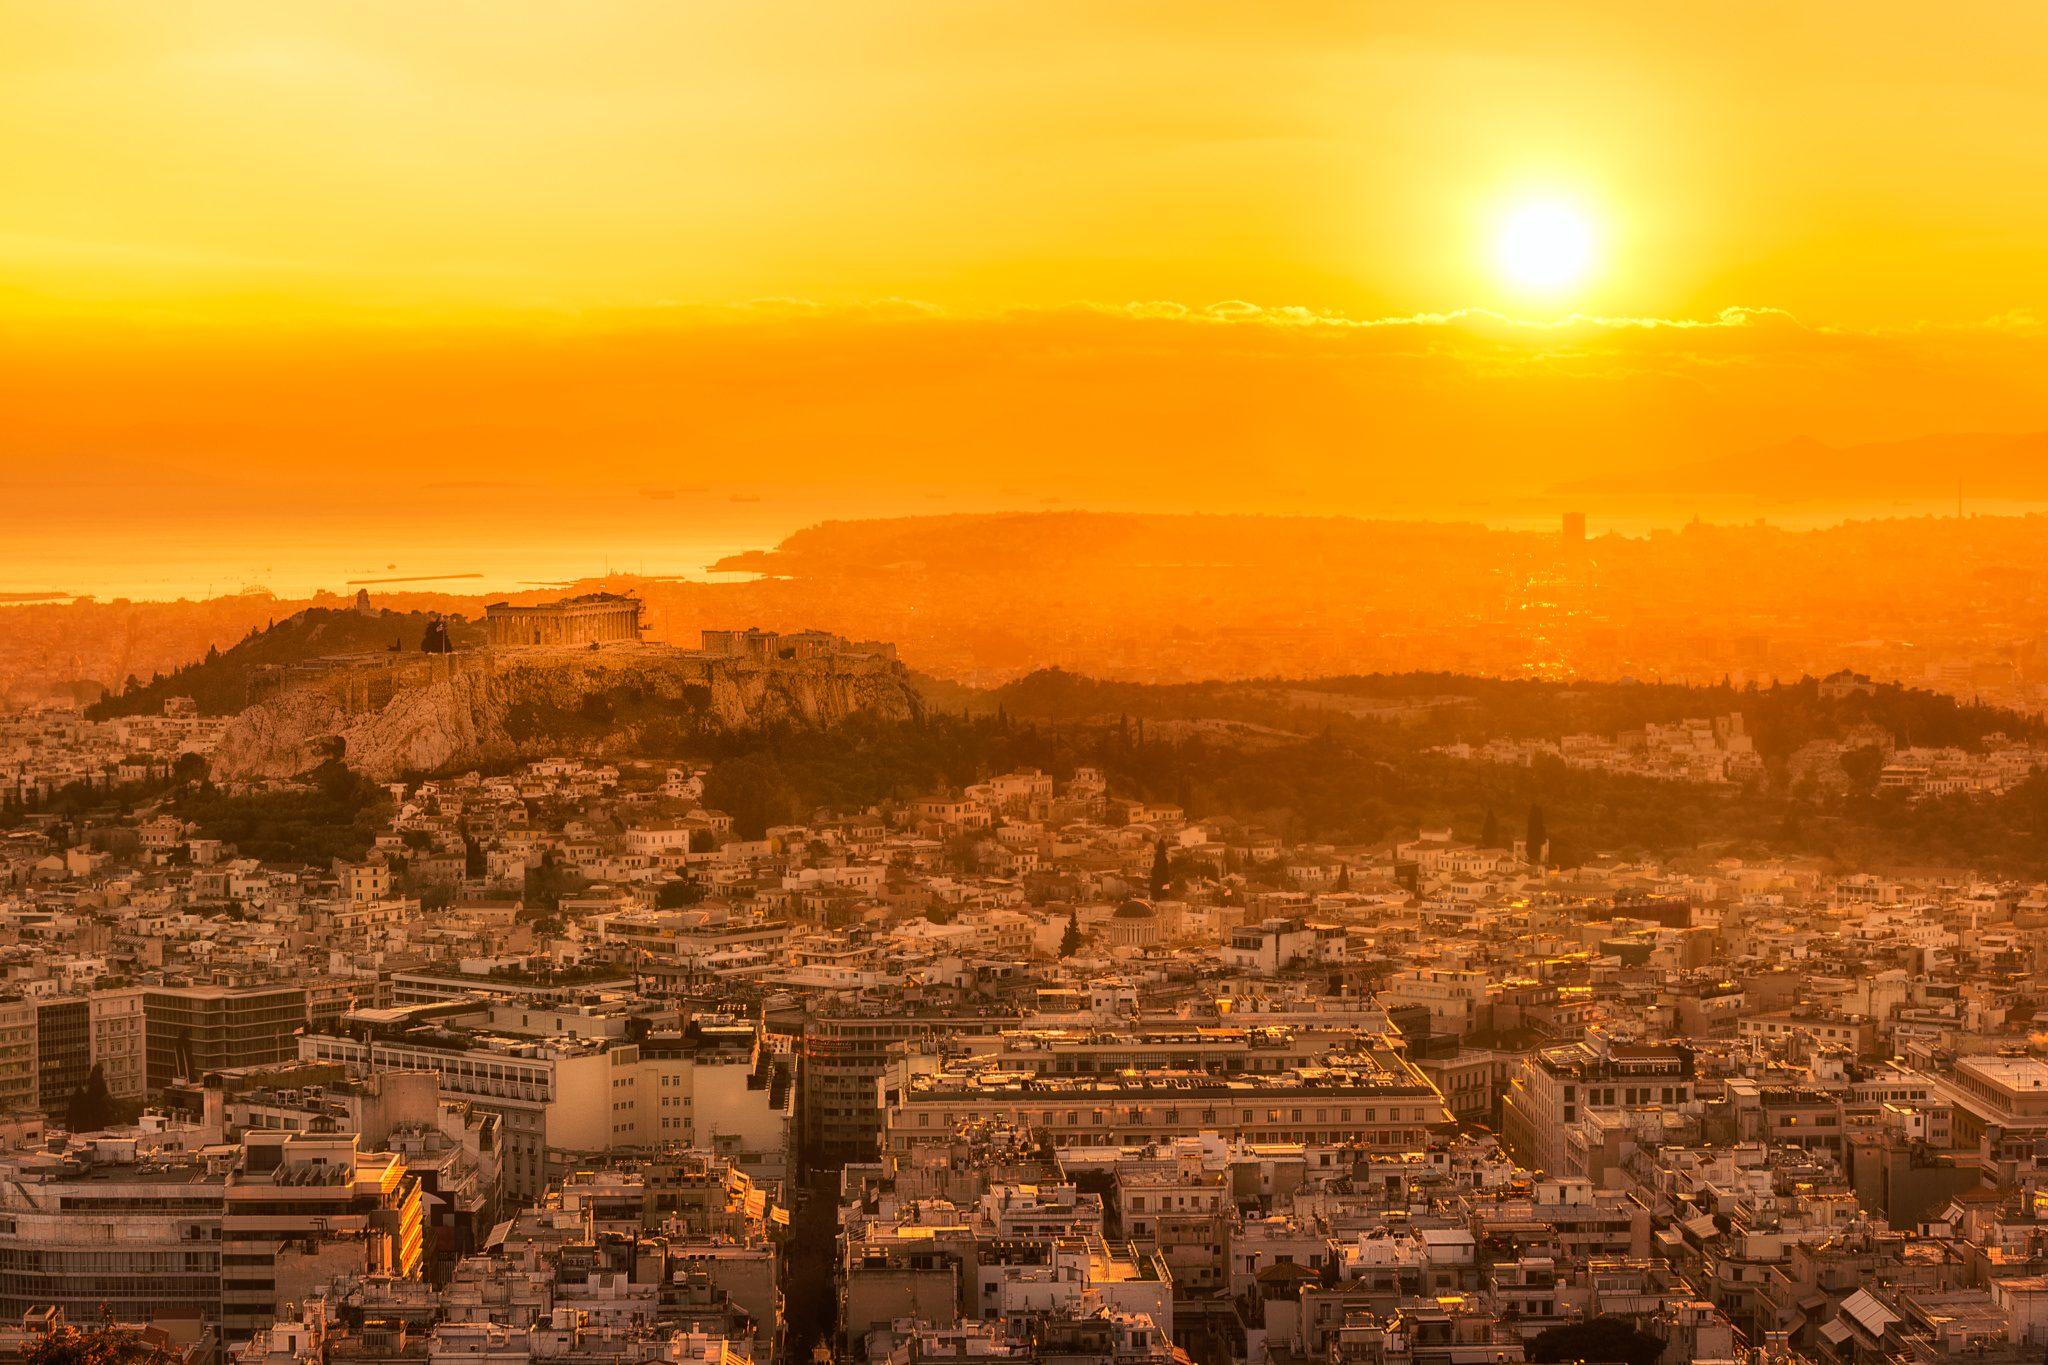 Ein romantischer Sonnenuntergang, mit der Kamera vom Lykabettus Hügel aus in Athen, Griechenland eingefangen.